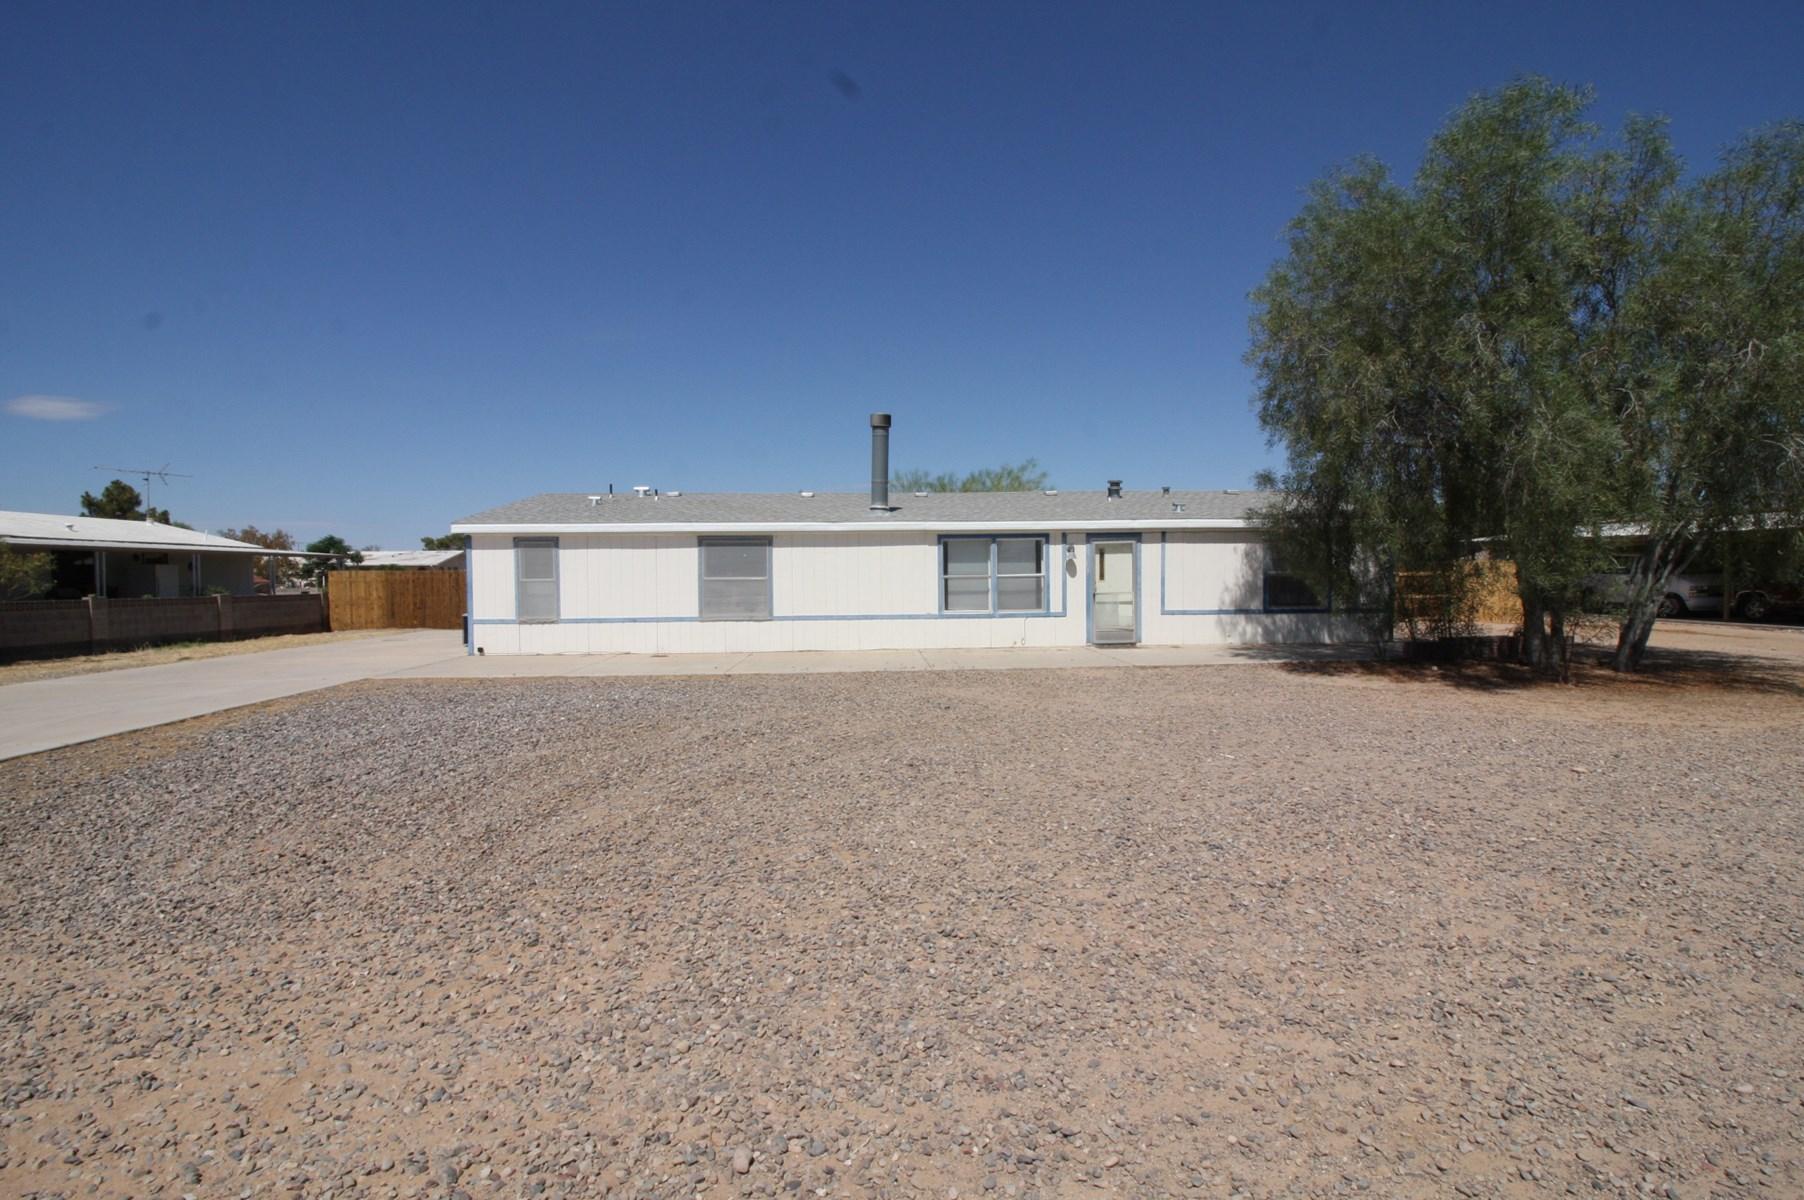 Home for sale Casa Grande AZ